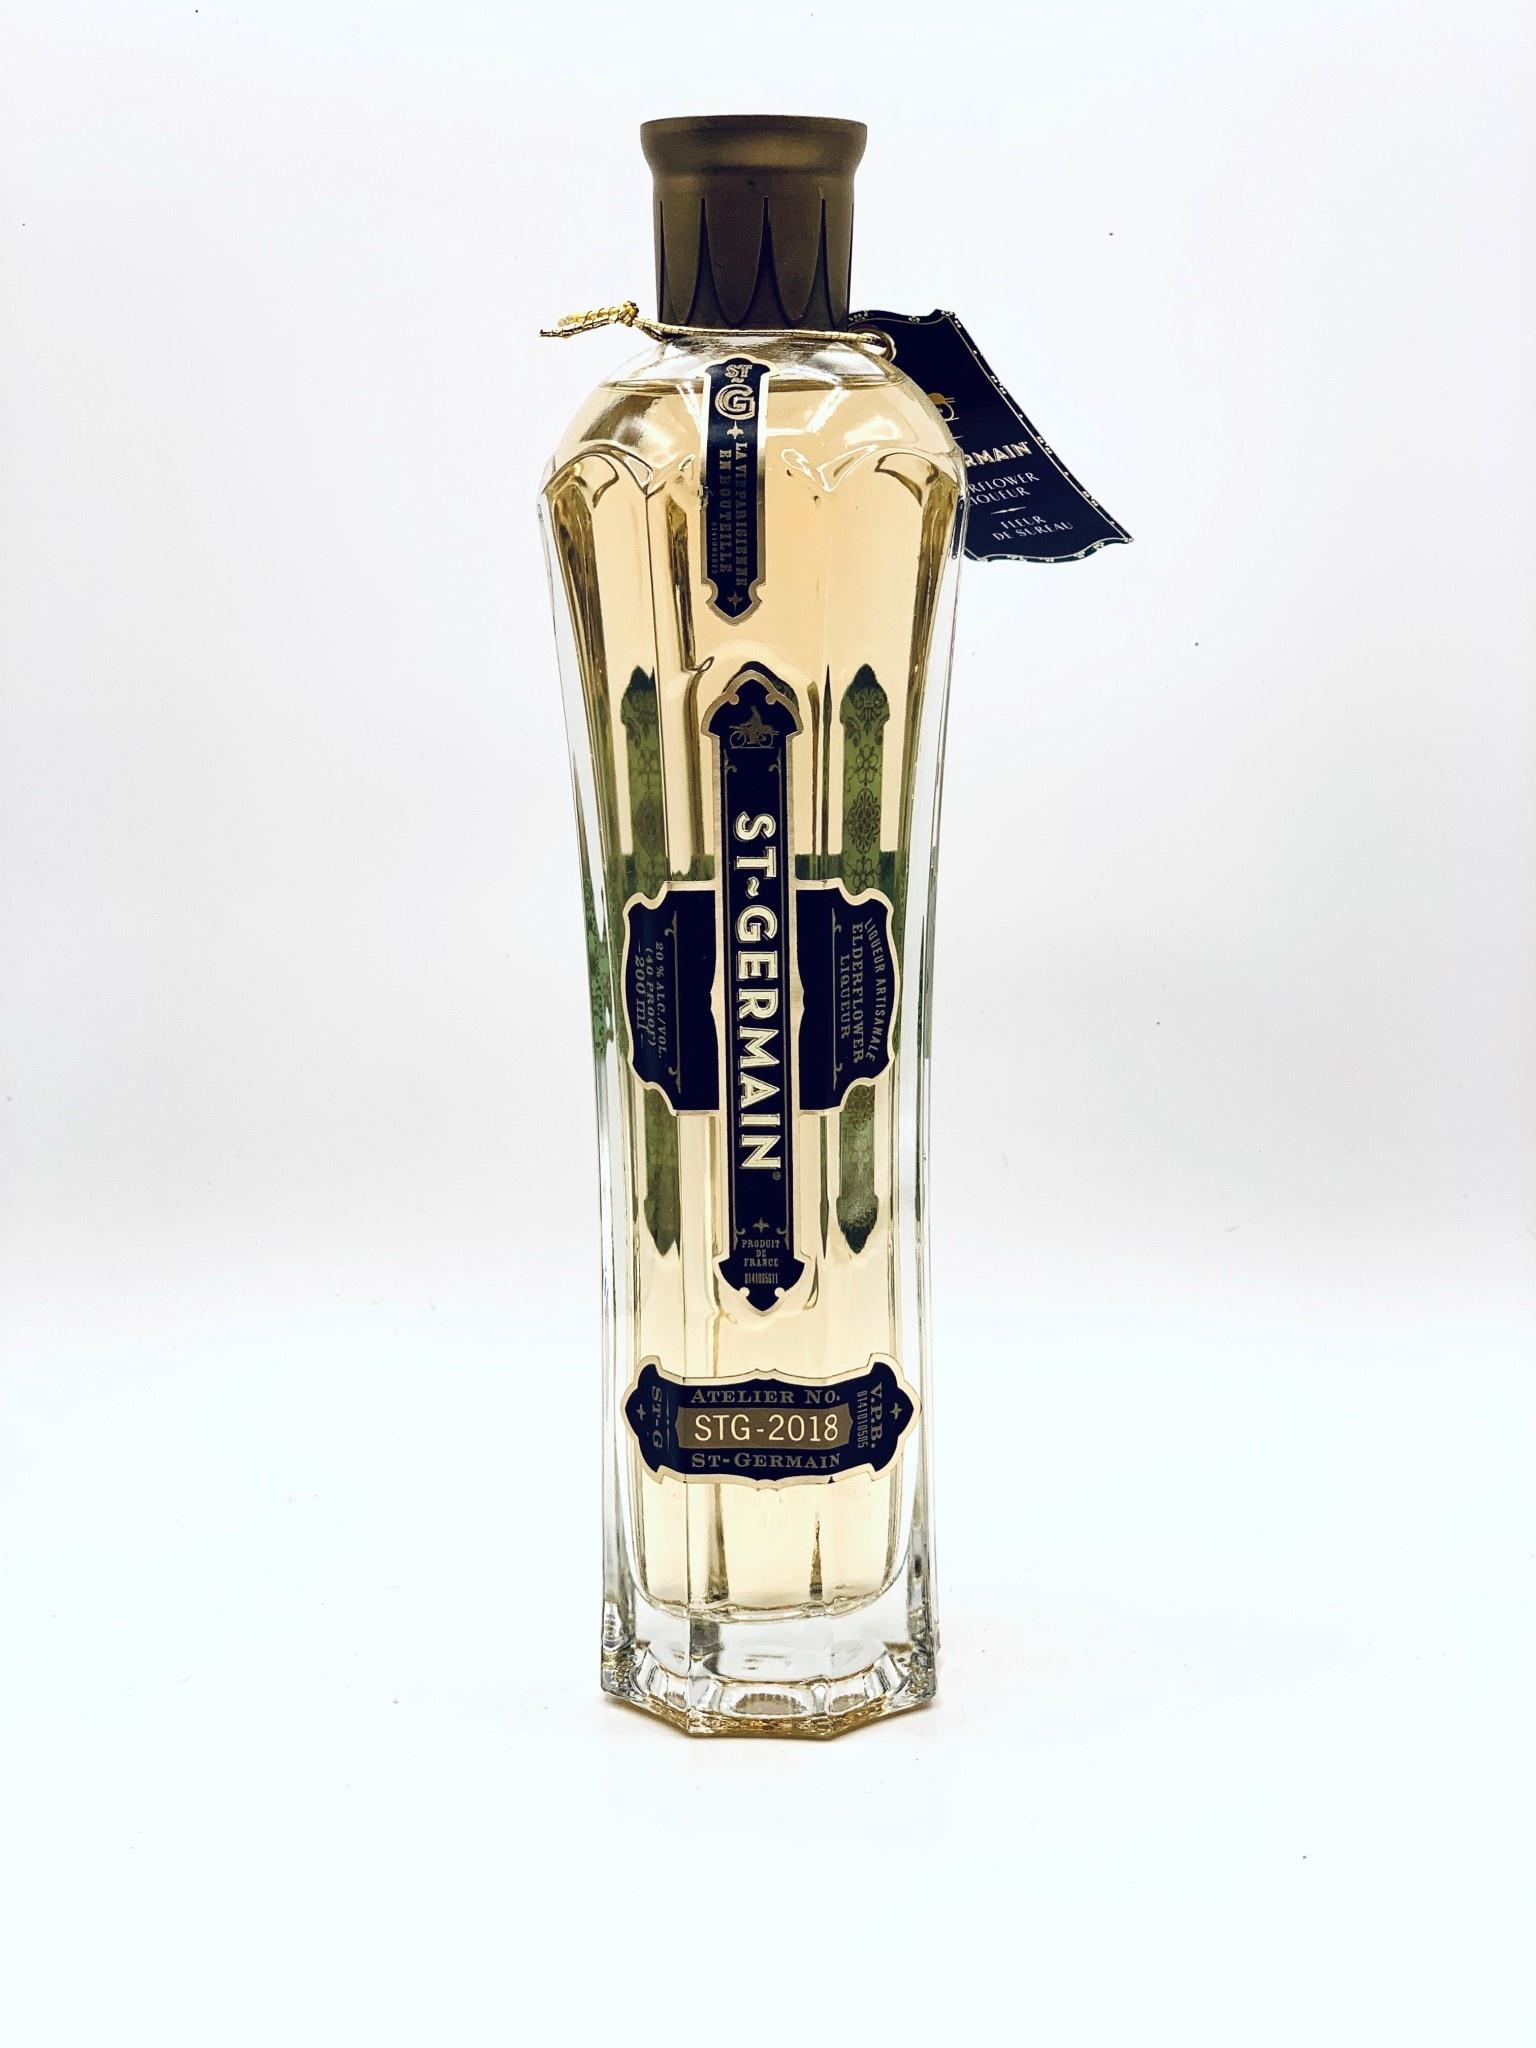 St-Germain Elderflower Liqueur 200ml (40 Proof)